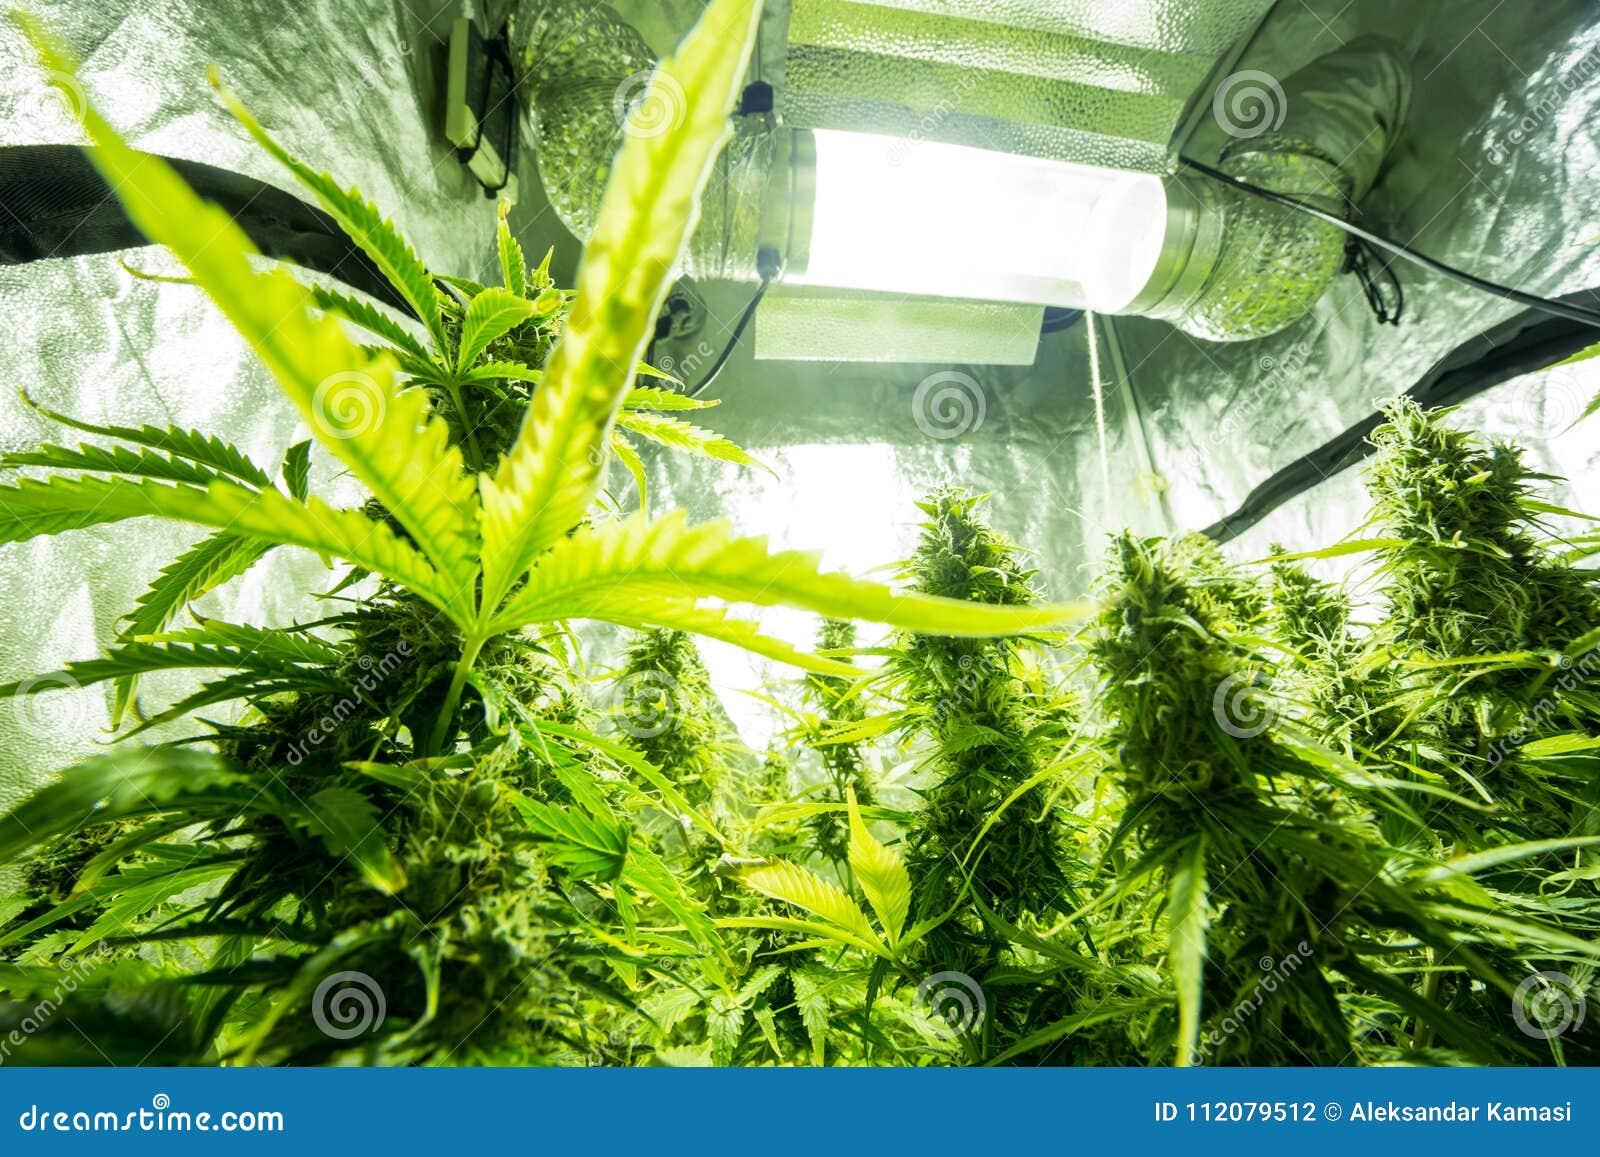 Культивирование конопля курение марихуаны женщинами